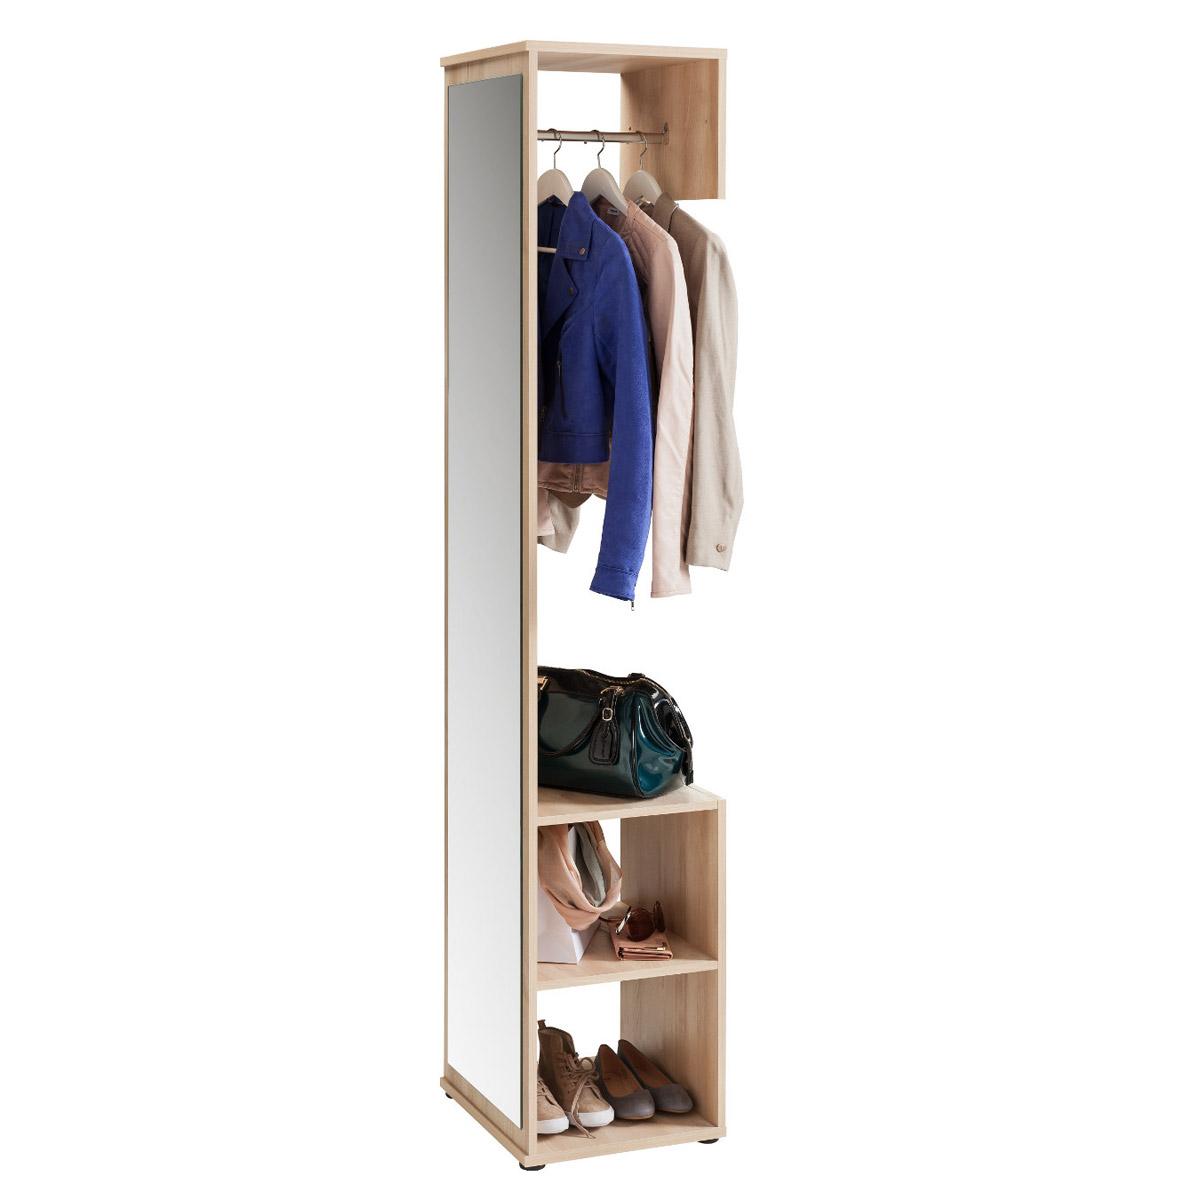 Garderobe alfred garderobenschrank mit spiegel in edelbuche ebay - Garderobenschrank mit spiegel ...